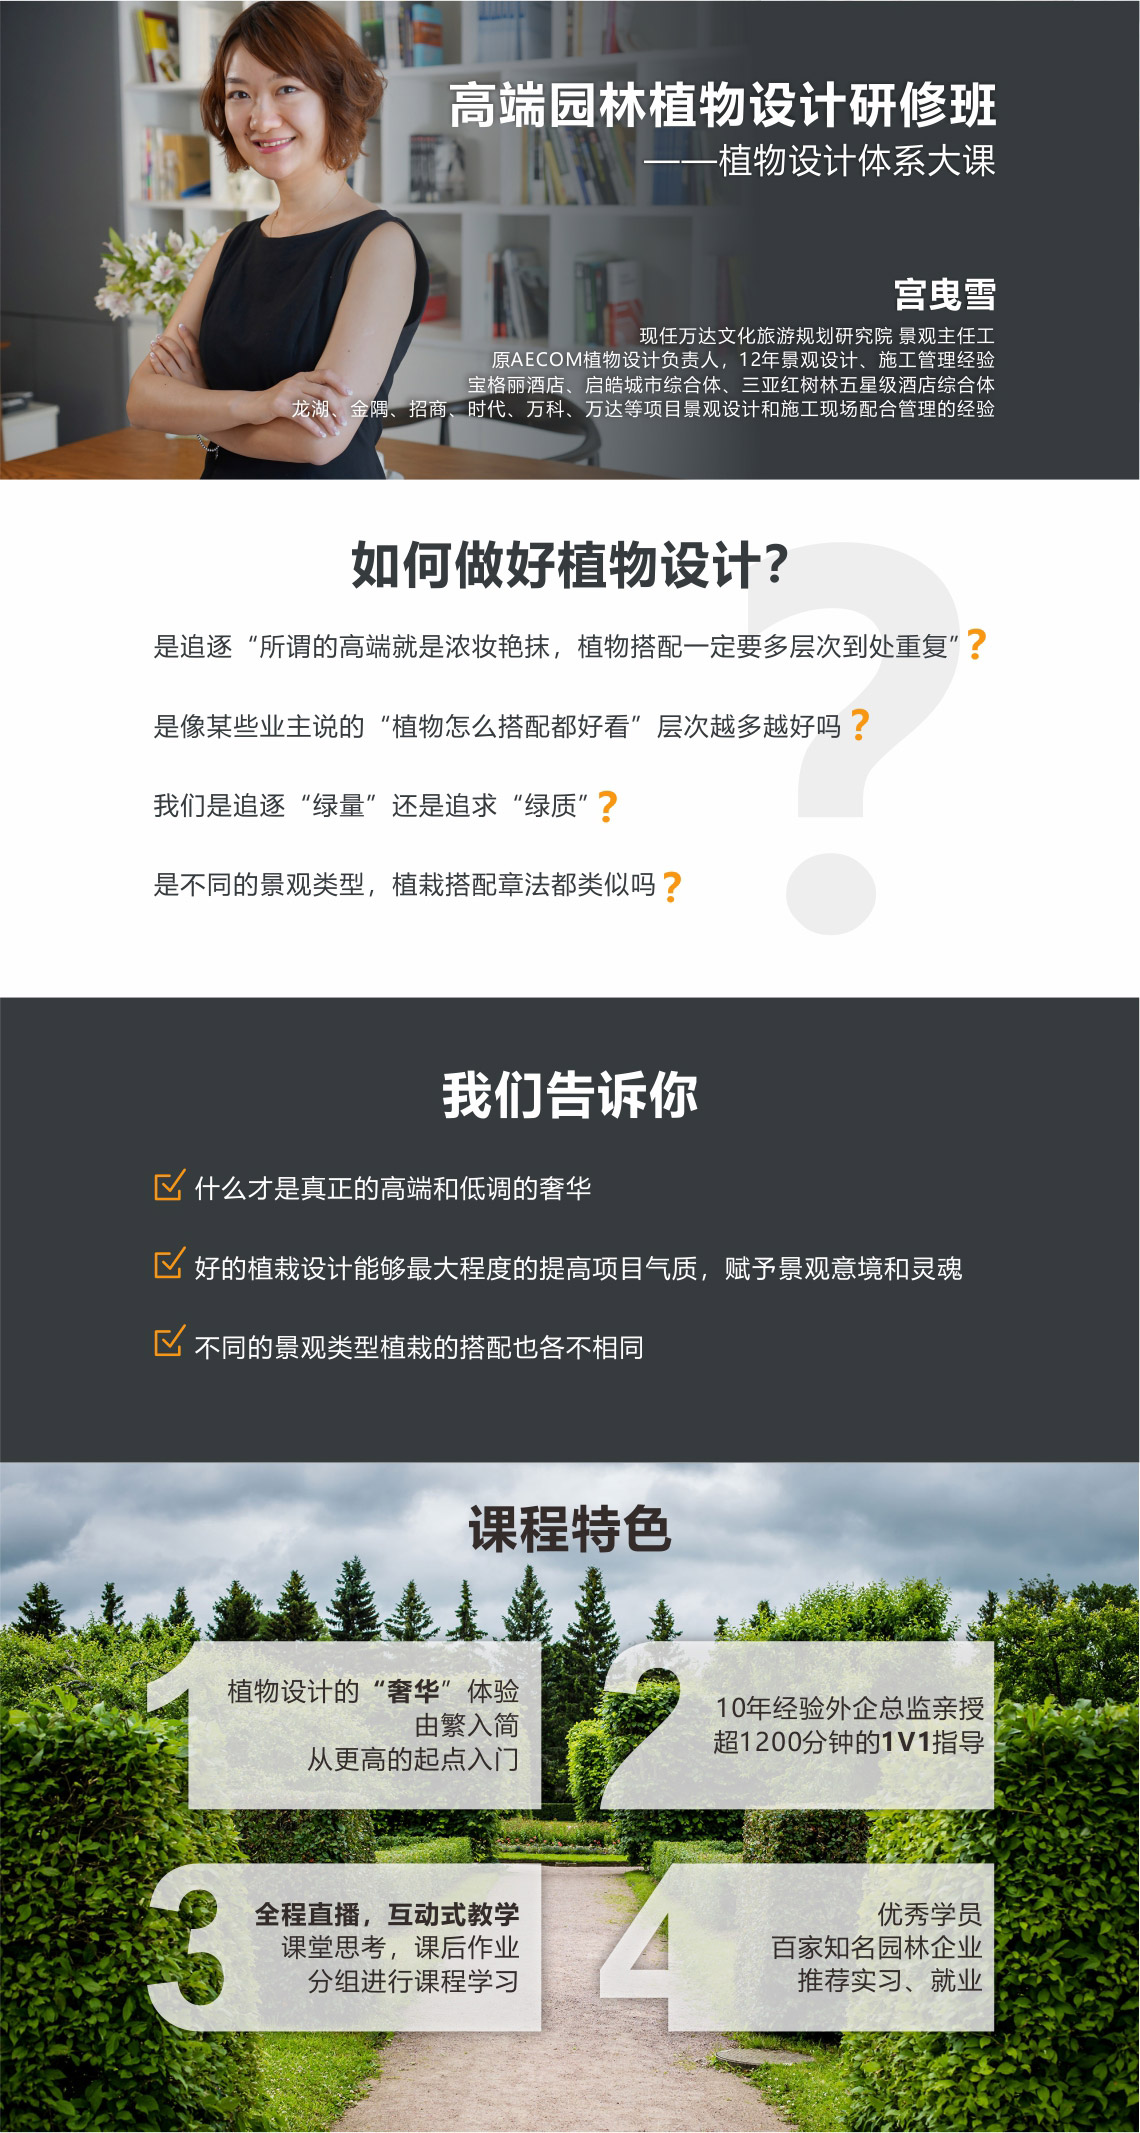 高端园林植物设计案例